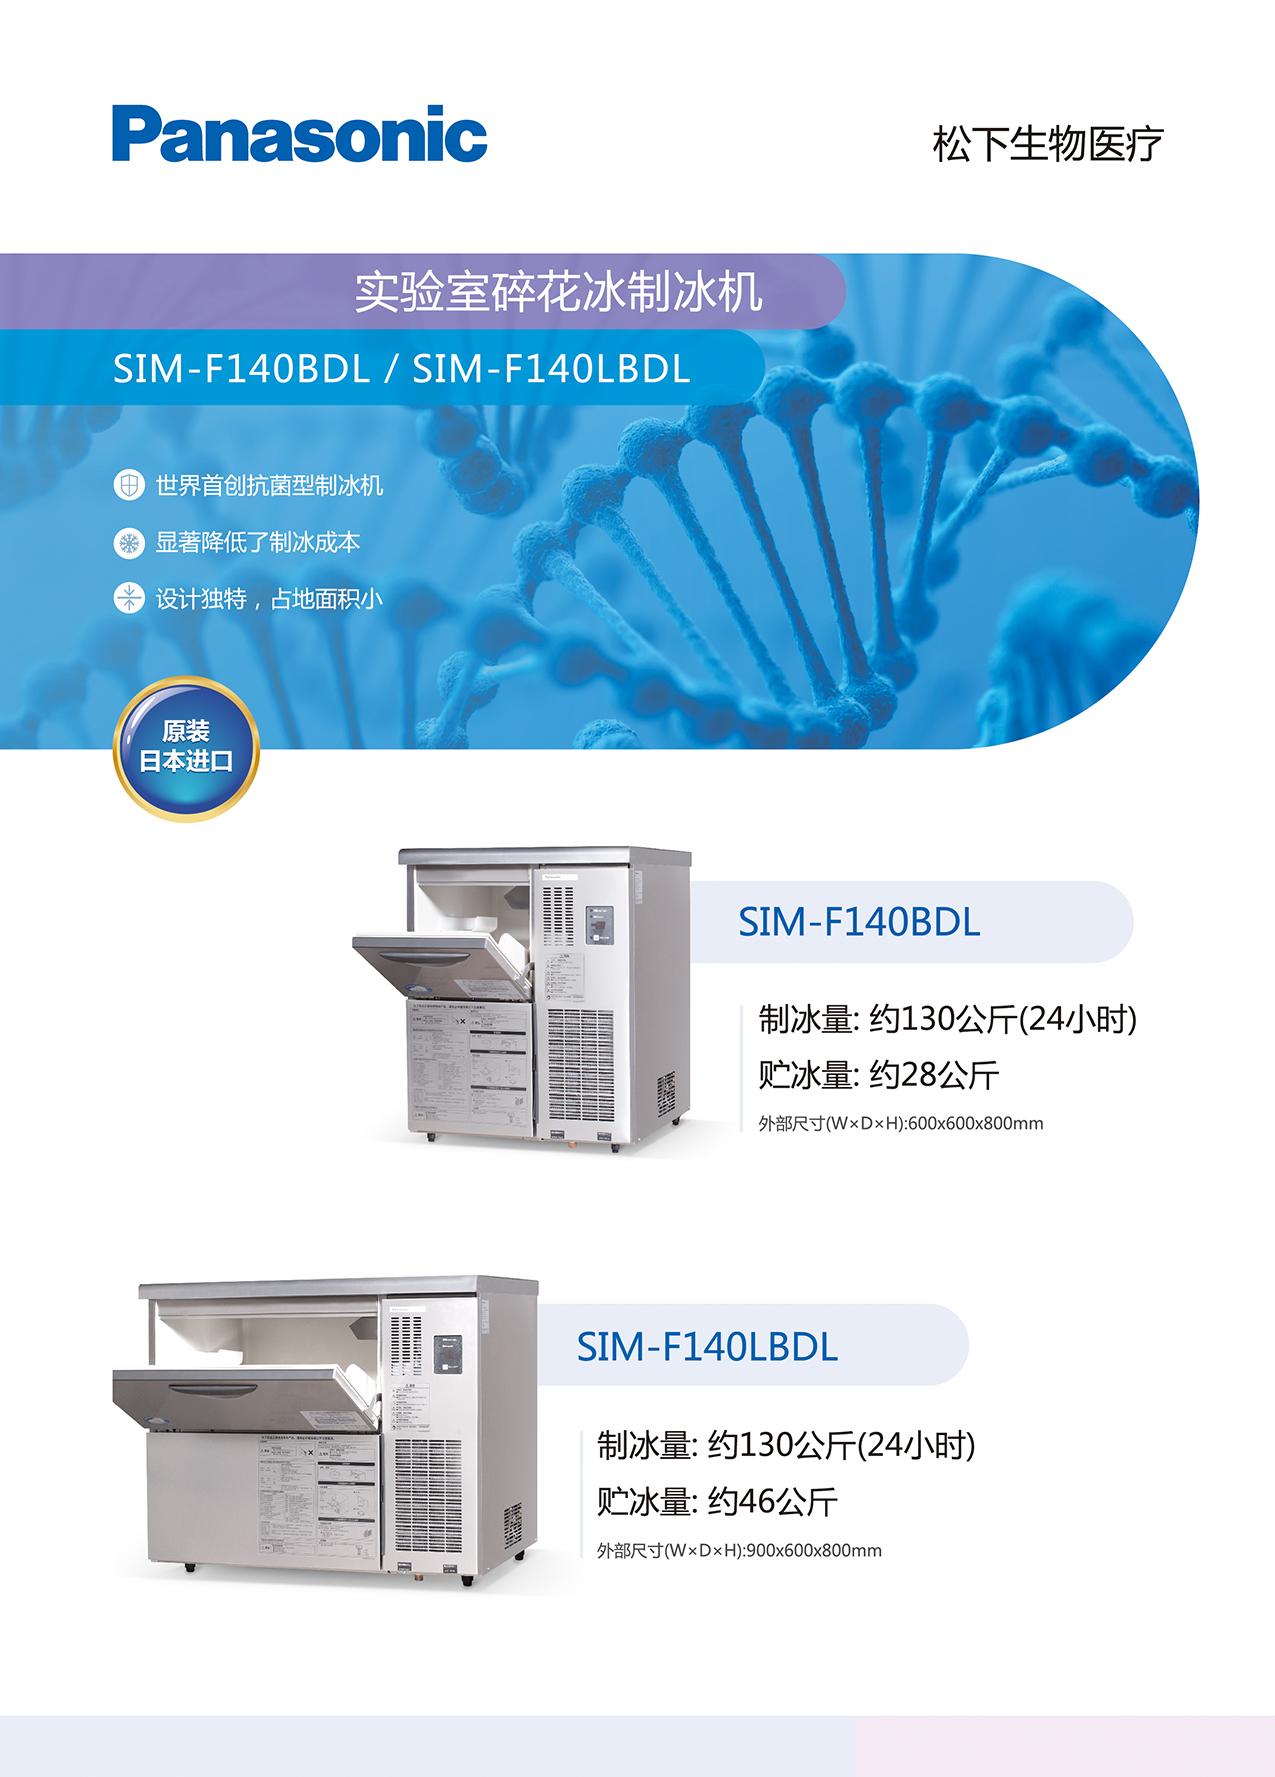 松下实验室碎花冰制冰机SIM-F140BDL/SIM-F140LBDL